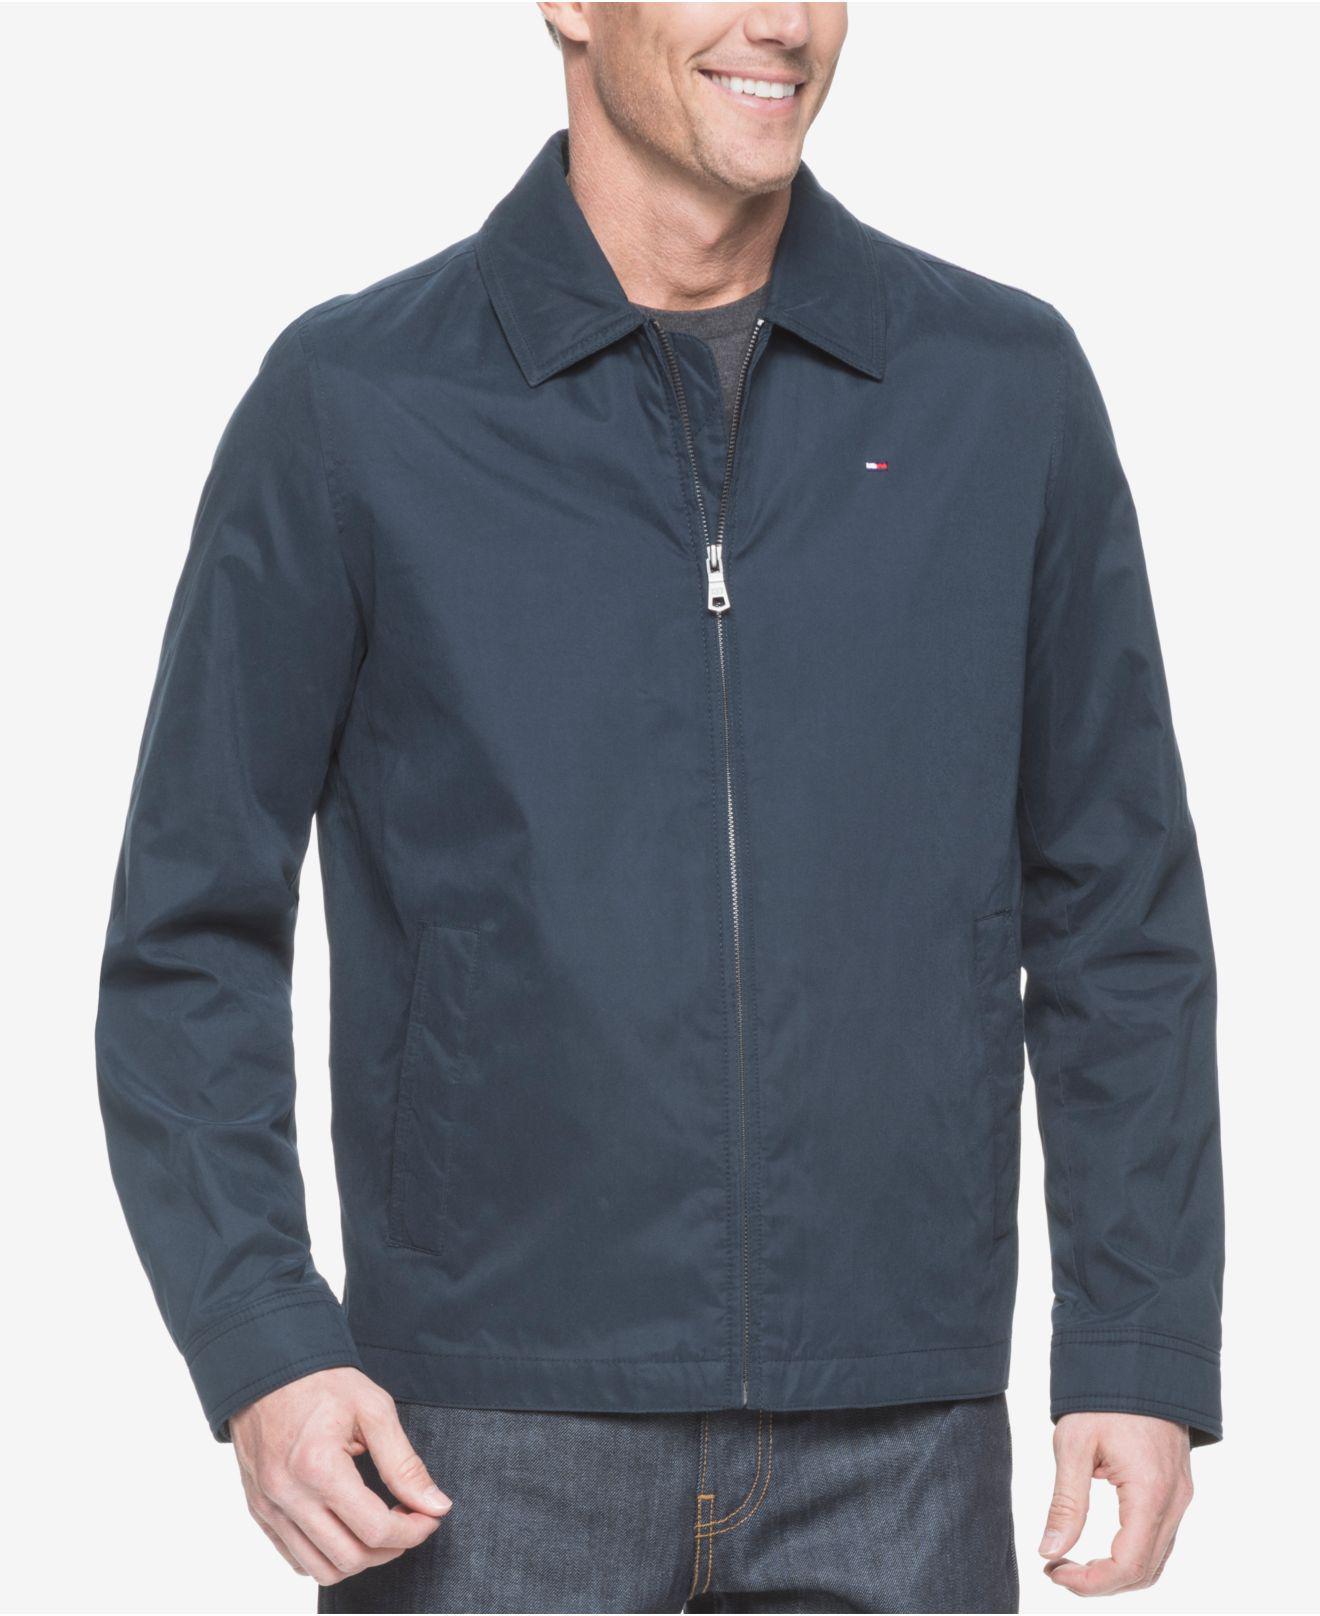 a54ffab7 Tommy Hilfiger Big & Tall Classic Full-zip Micro-twill Jacket in ...